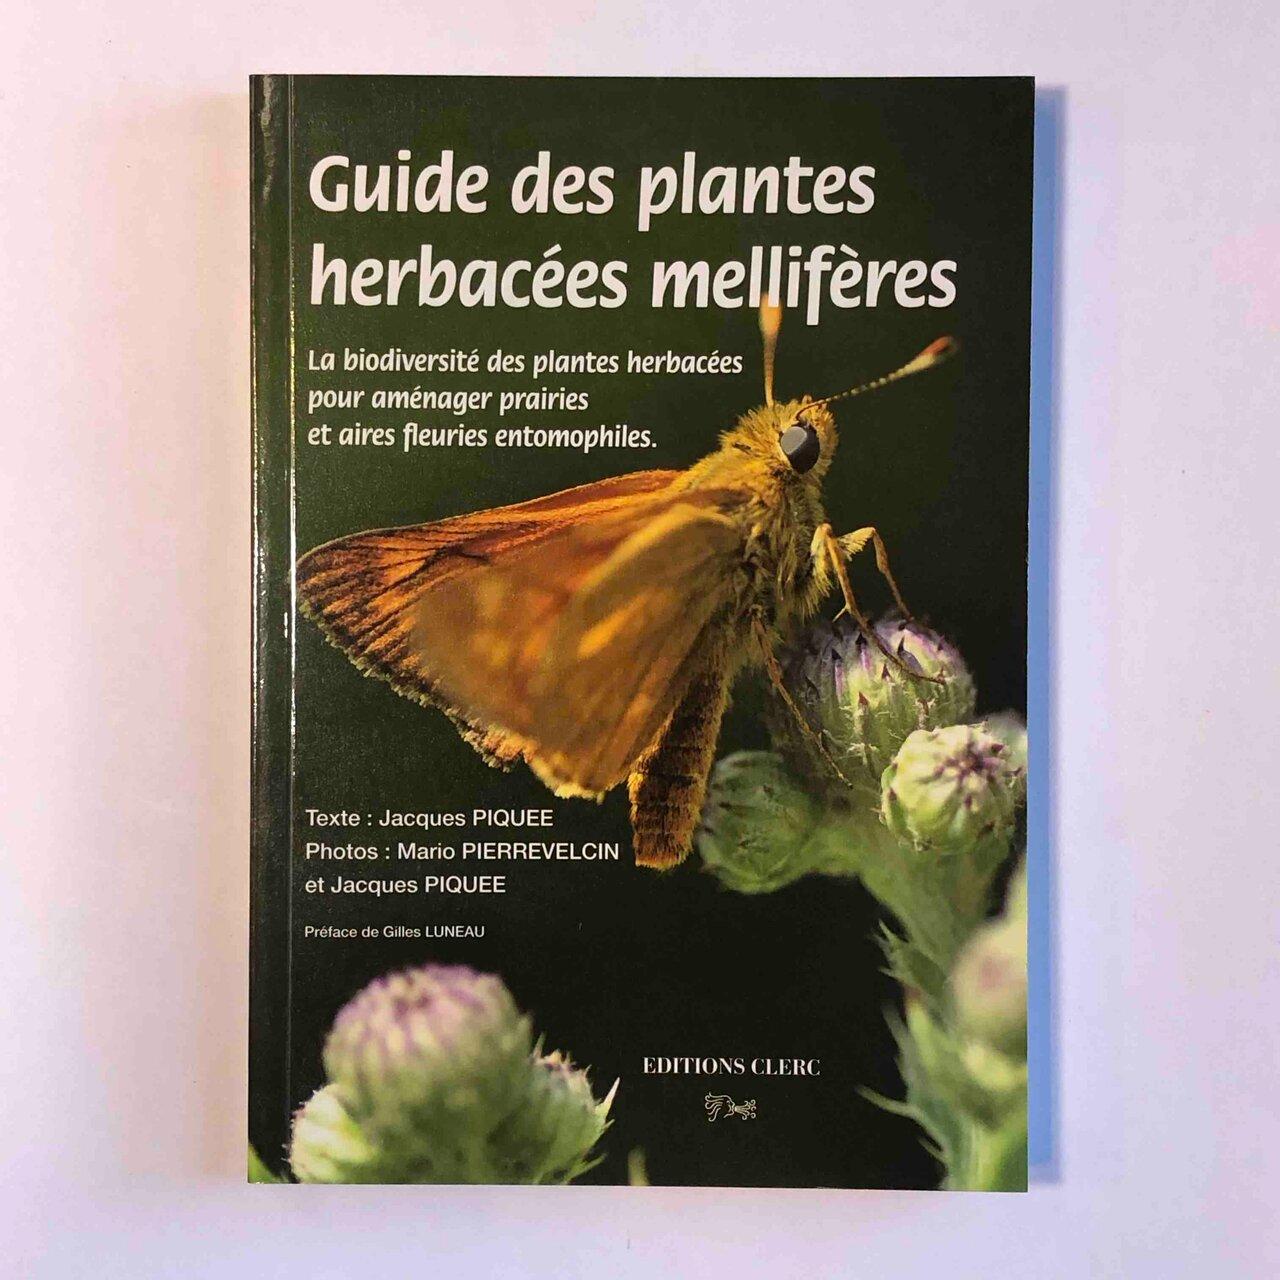 Apiculture - Guide des plantes herbacées mellifères